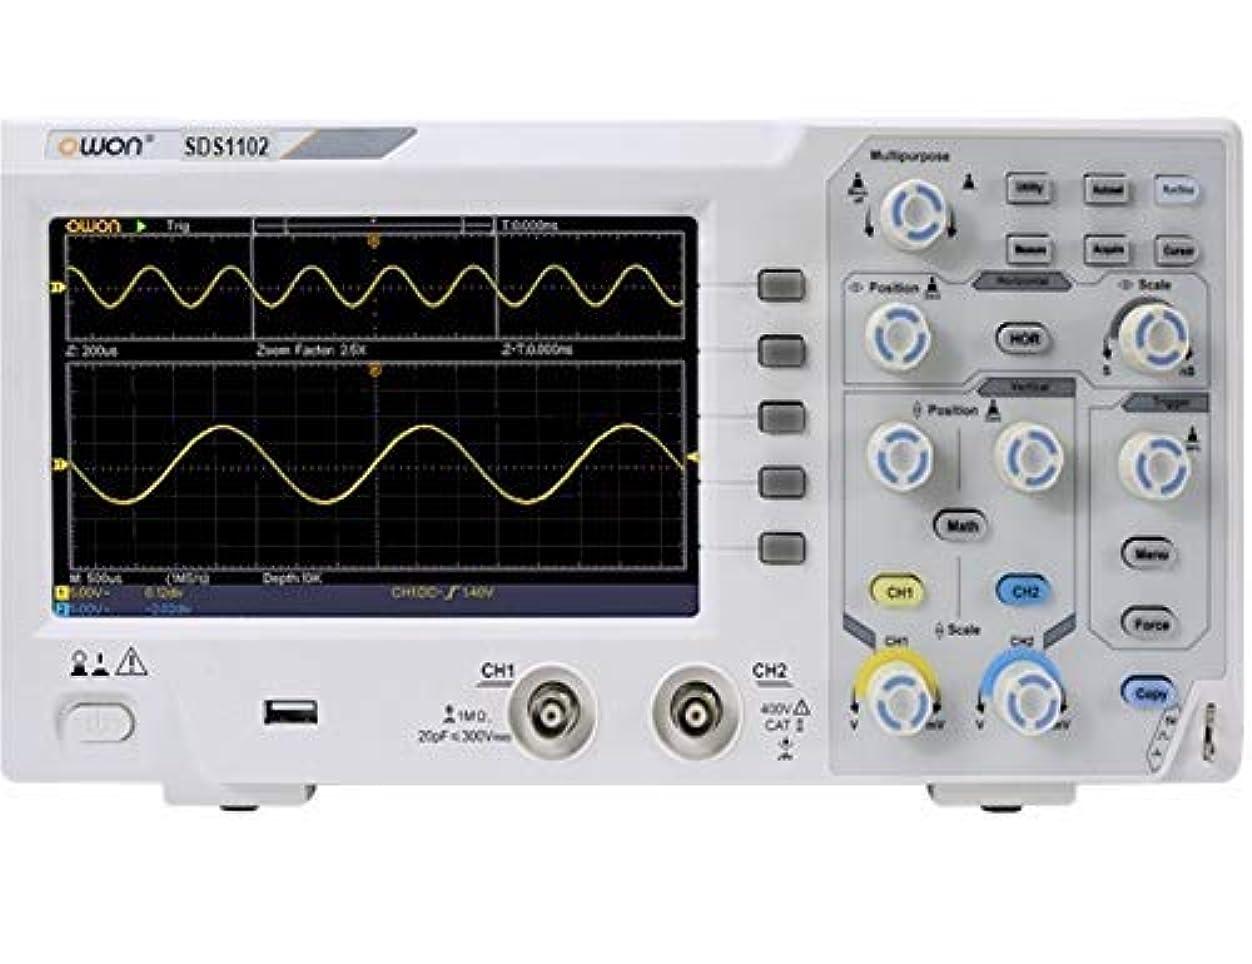 怒って振る舞い電話に出るOWON ハイコストパフォーマンスデジタルオシロスコープ 1Gs/s 100MHz帯域 薄型軽量 SDS1102